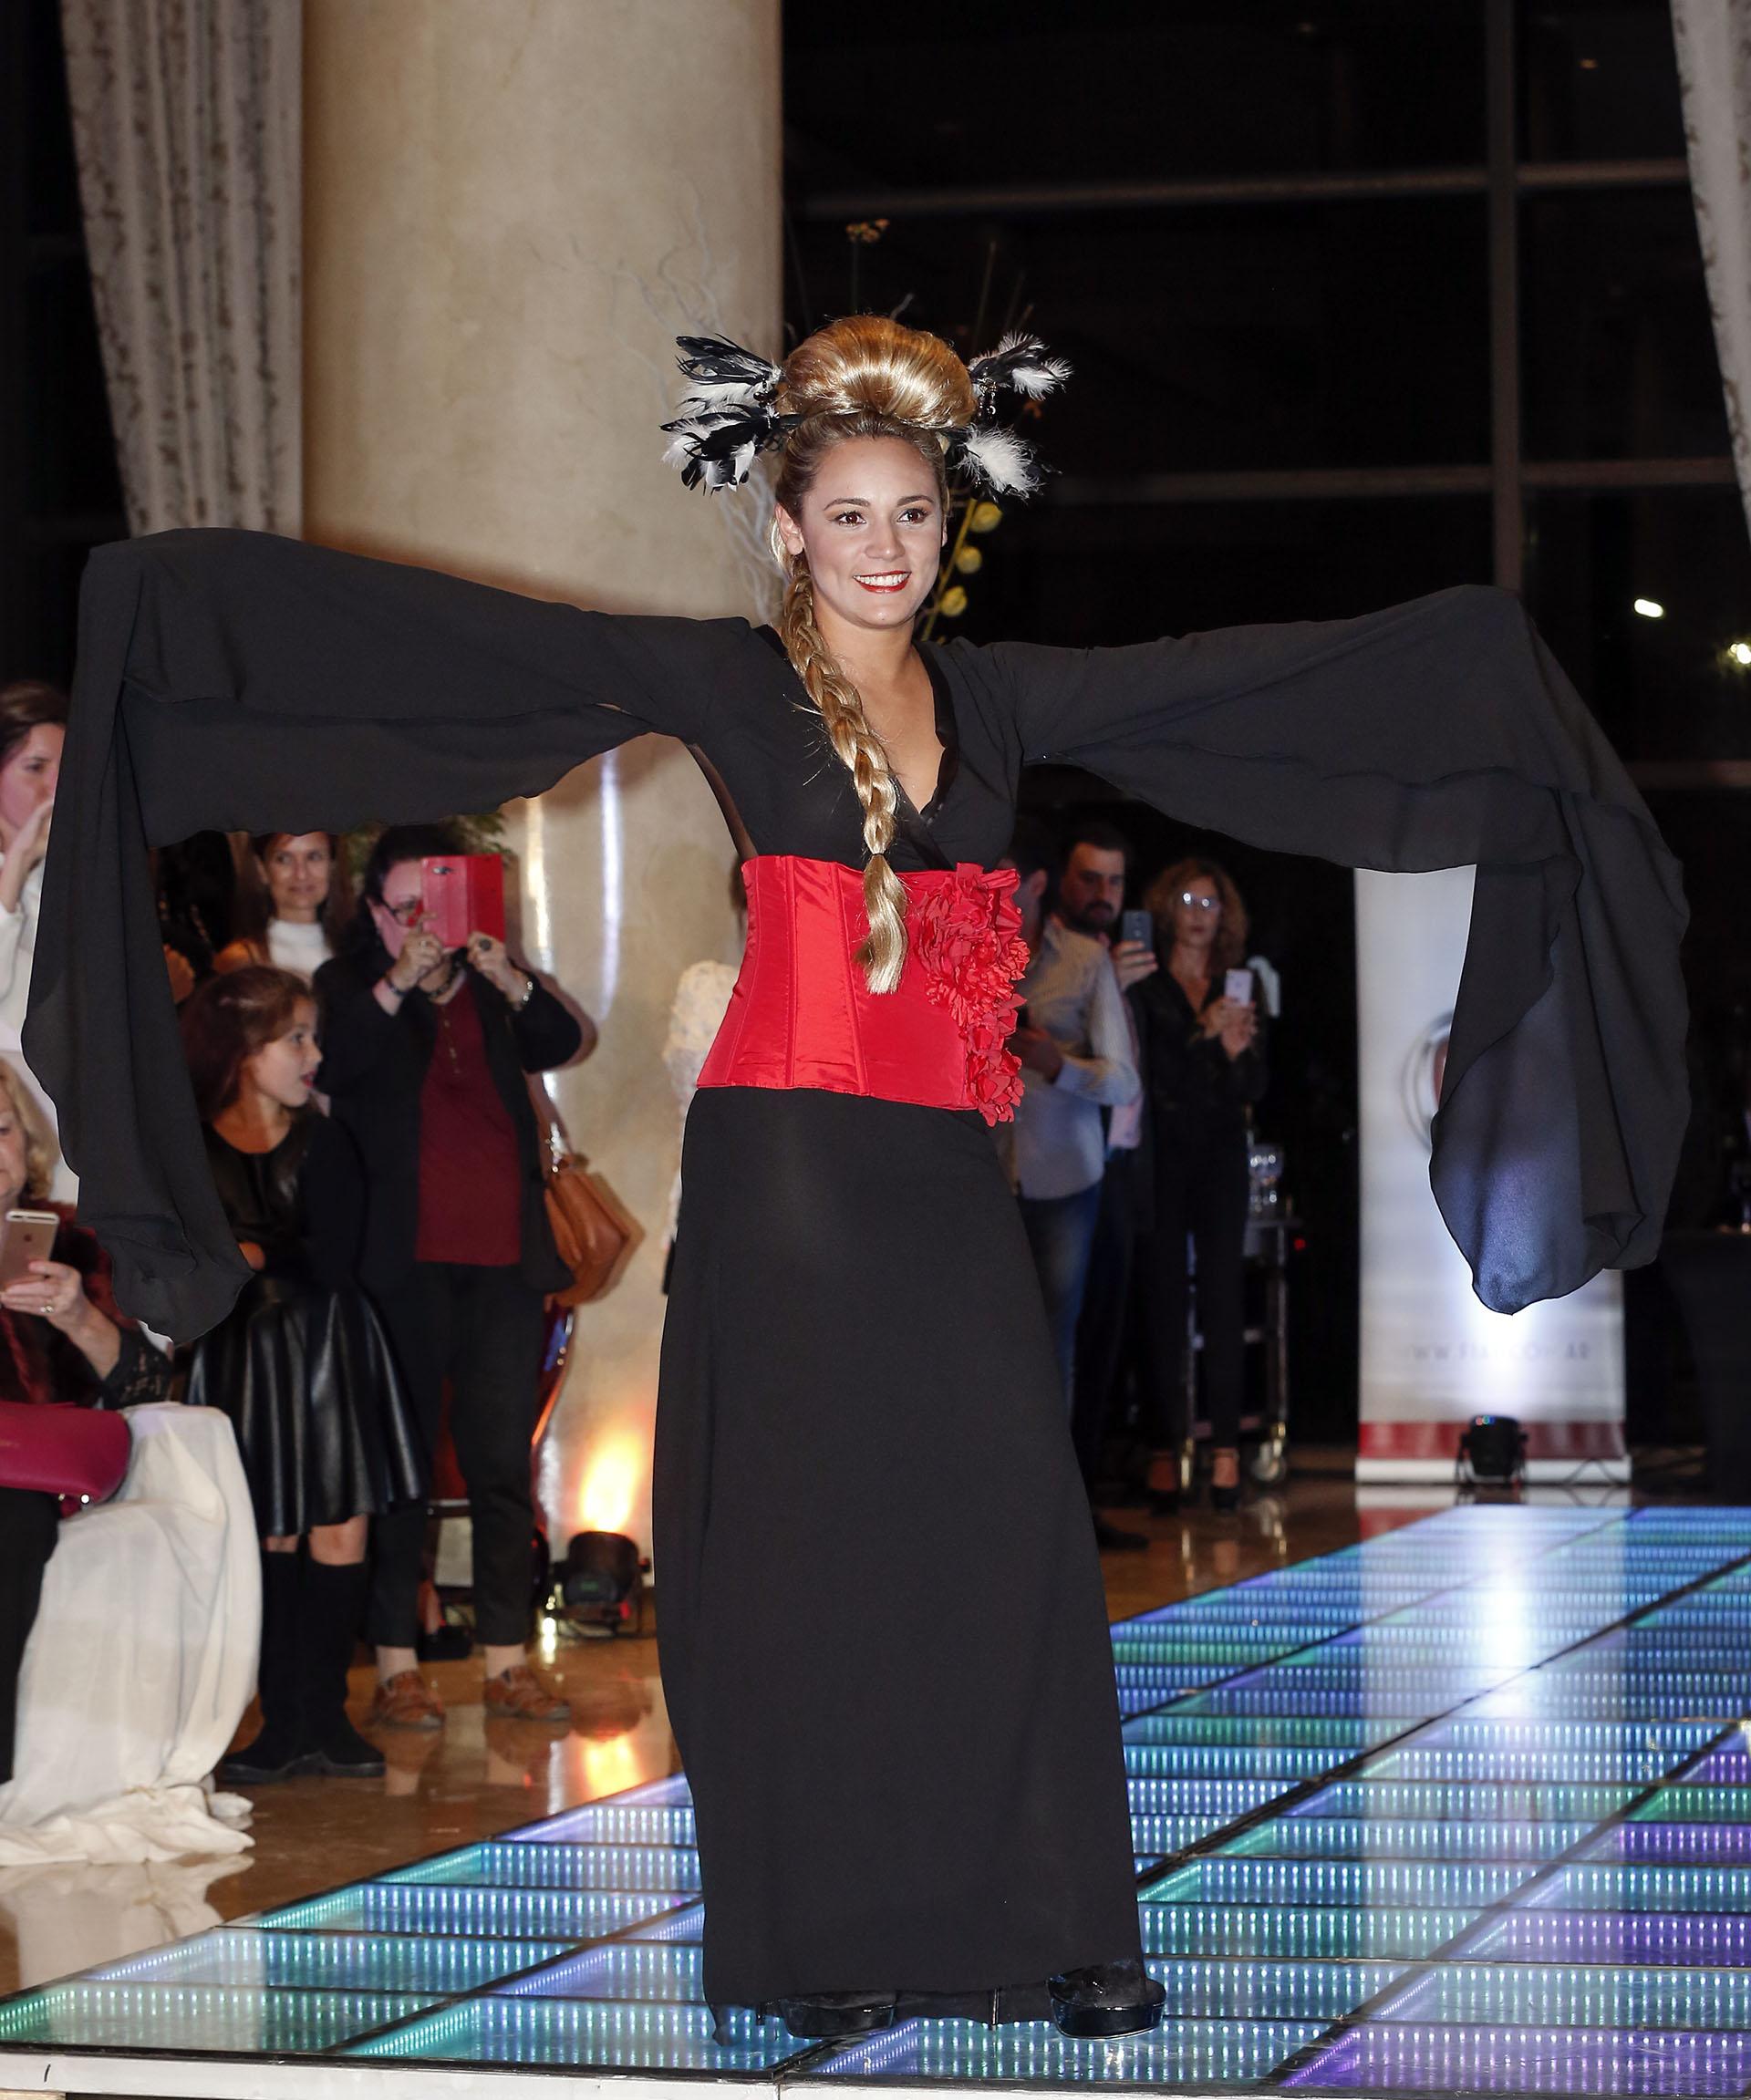 Con un kimono negro y faja colorada, Rocío Oliva se mostró con naturalidad y se animó a desfilar por primera vez